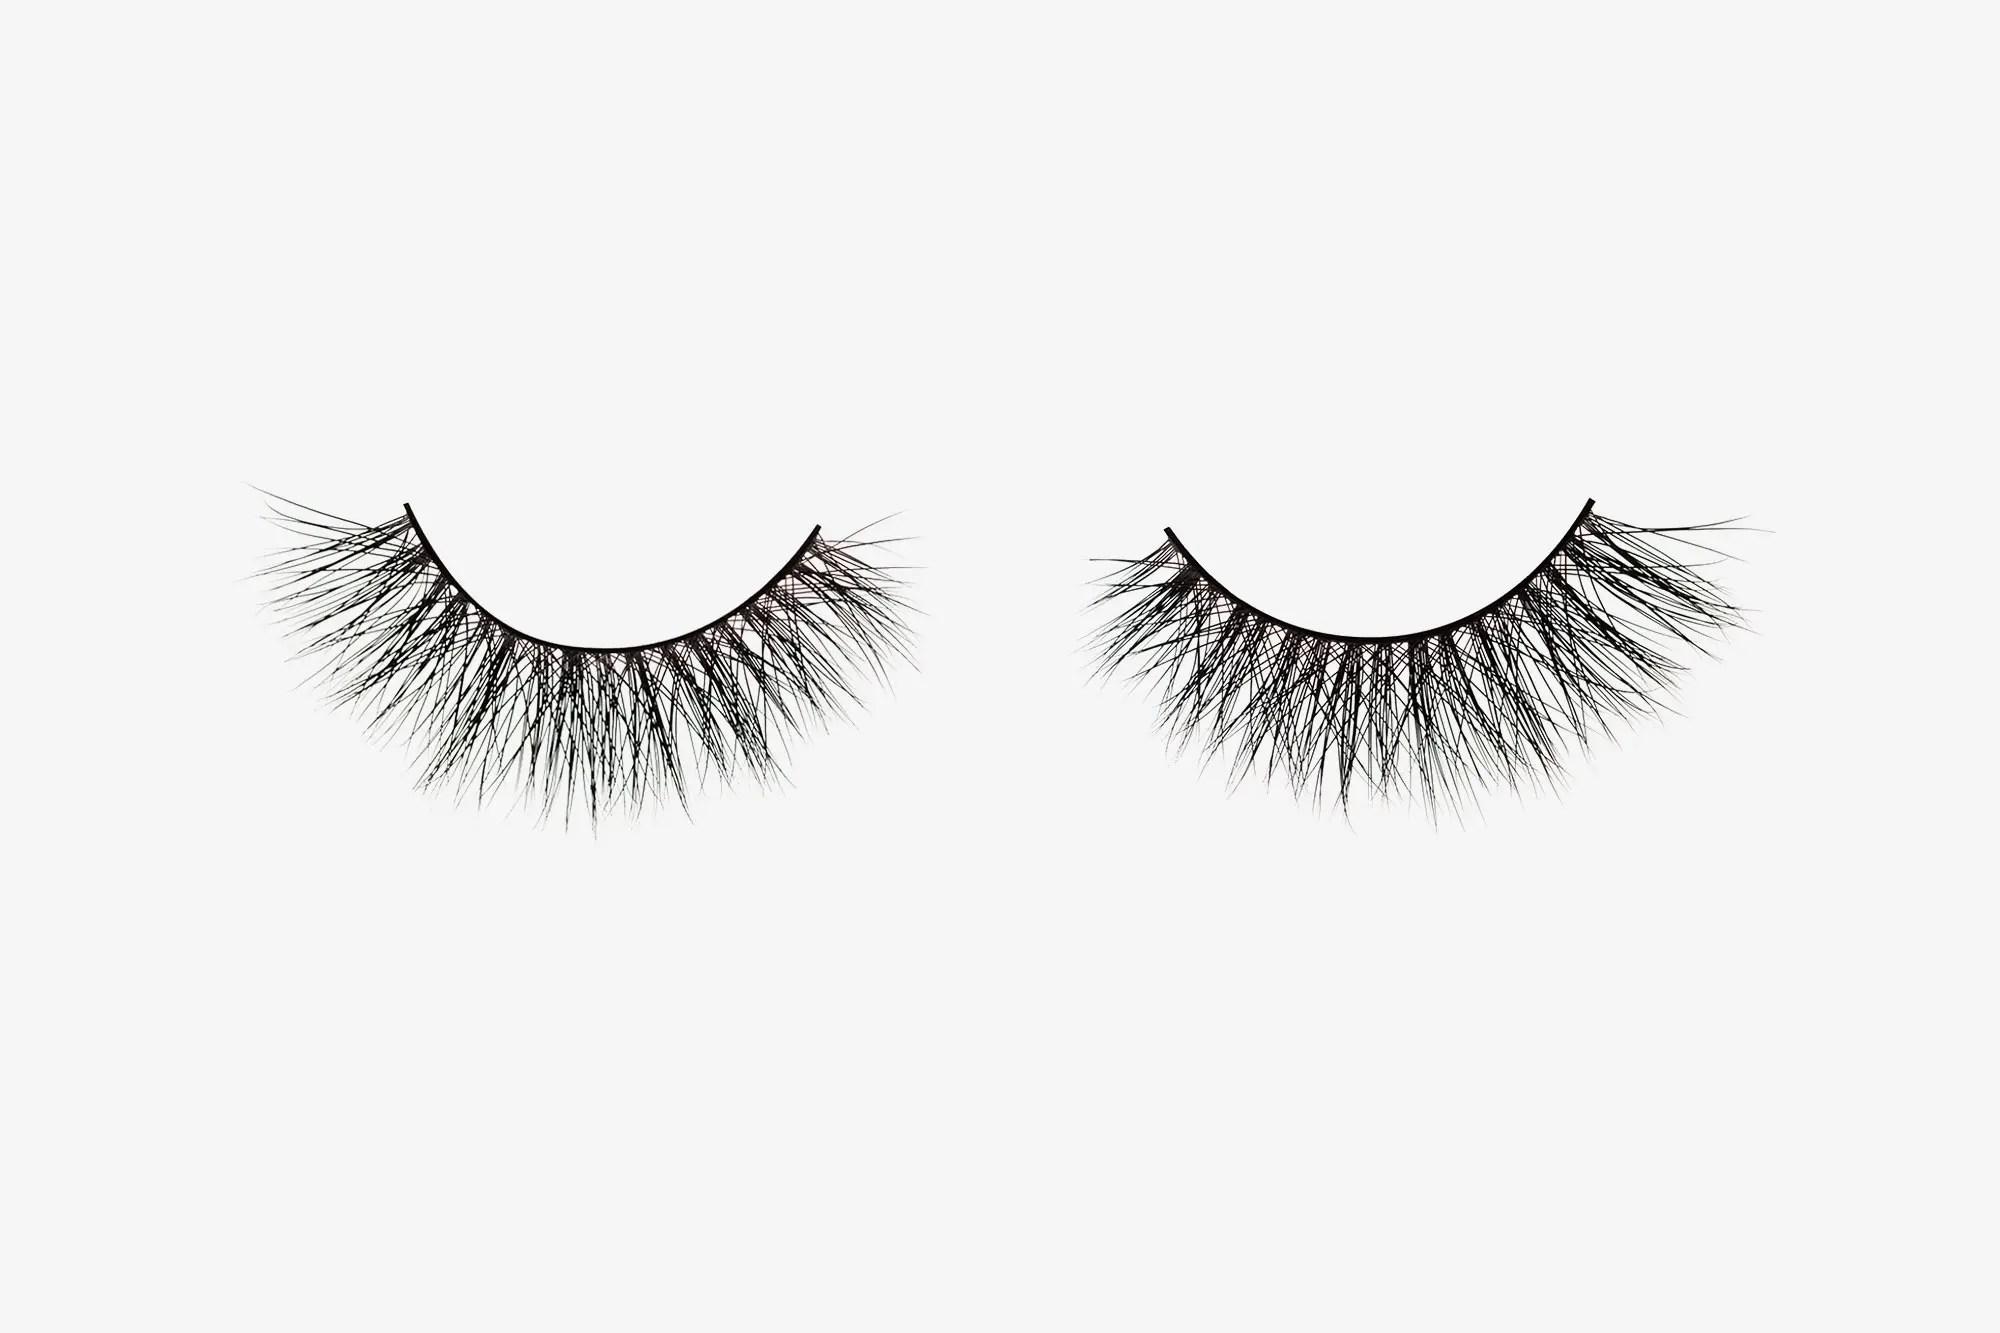 Olivia Mink Lashes, two false eyelashes side by side on grey background